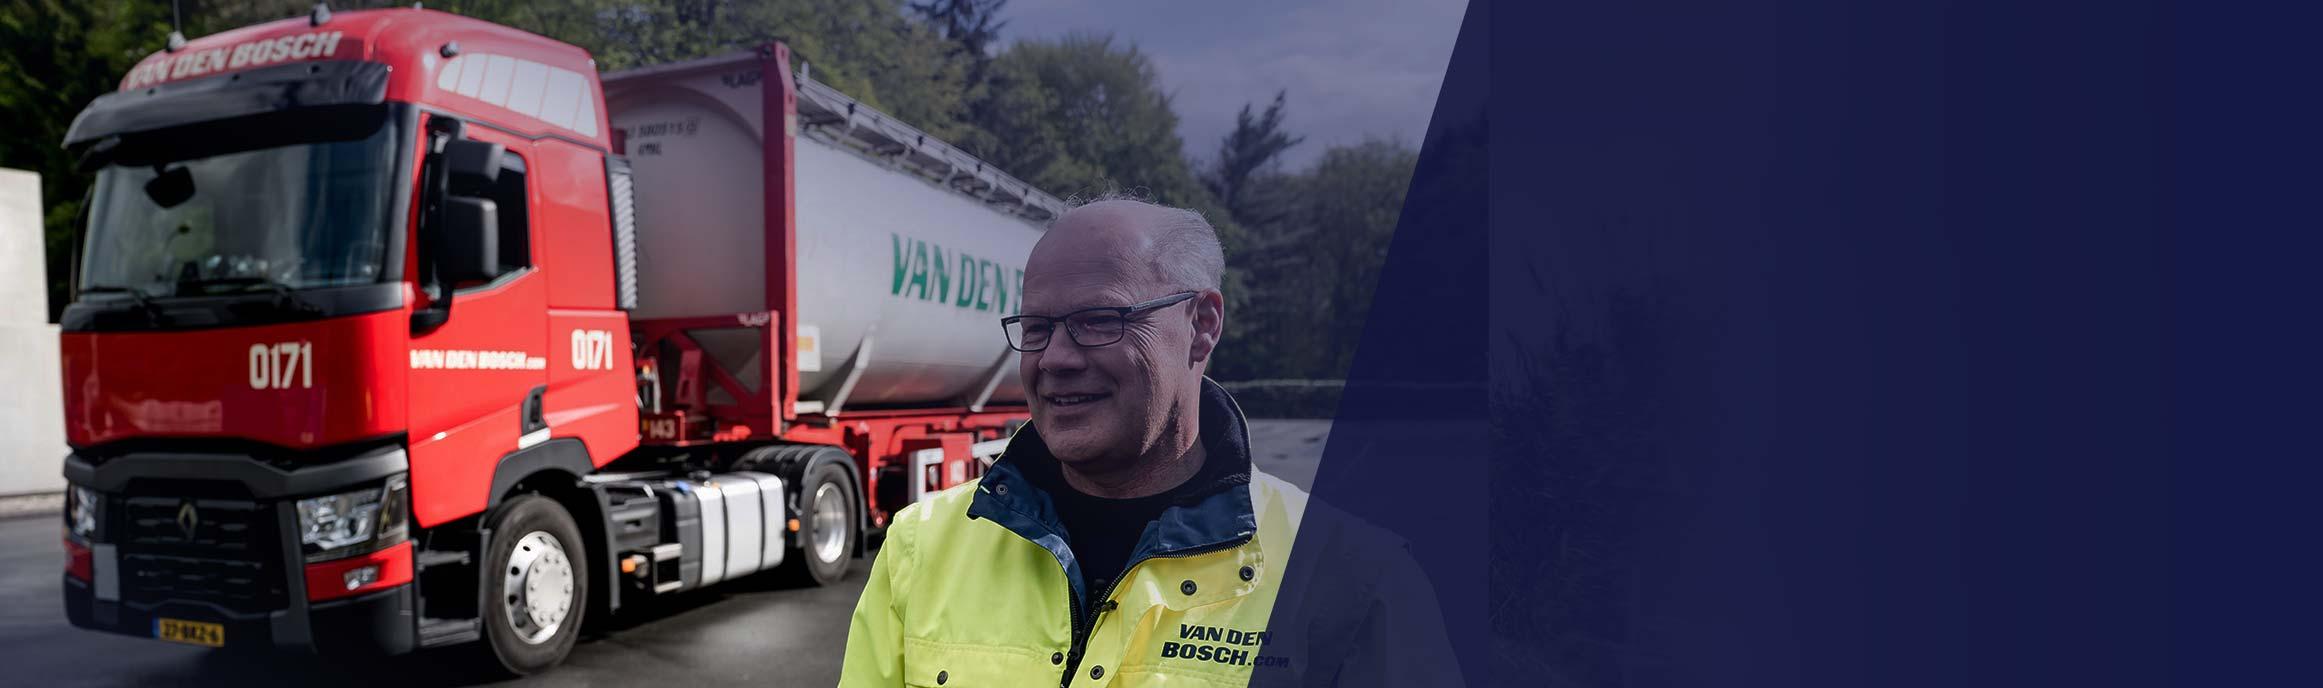 Van den Bosch Transporten kiest wederom voor Renault Trucks T